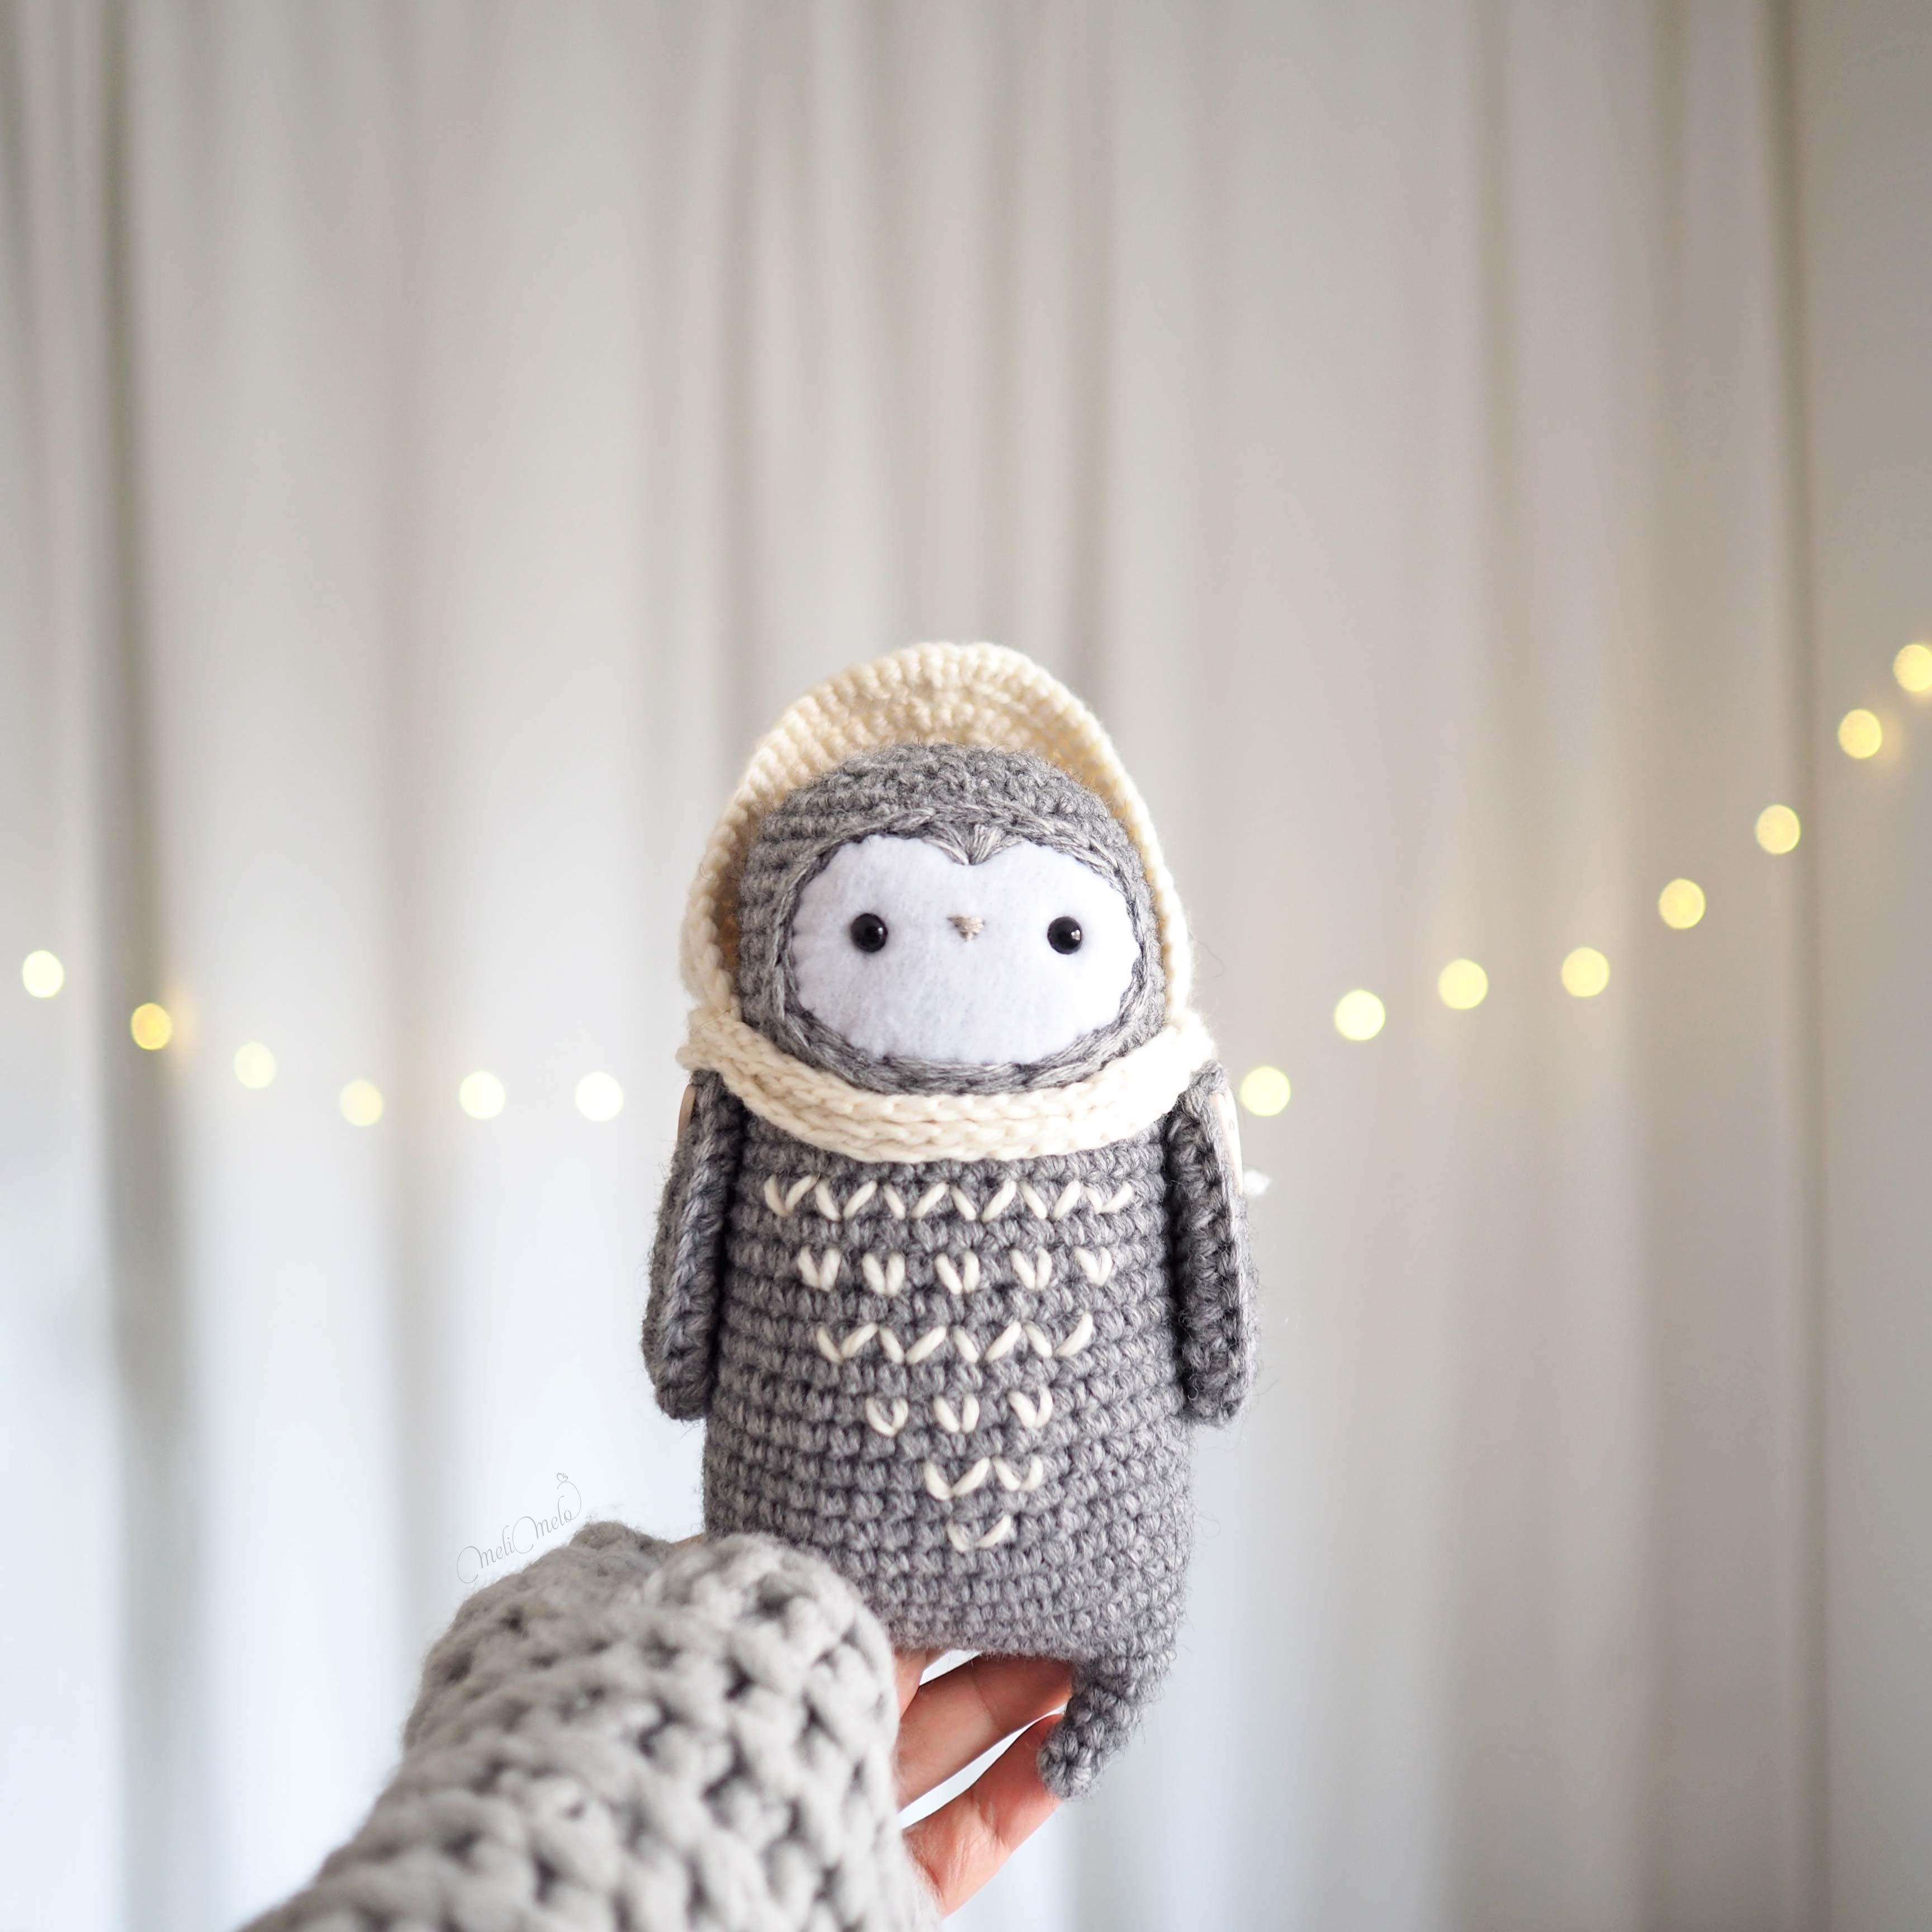 chouette lutine de face au crochet capuche laine little owlet owl laboutiquedemelimelo